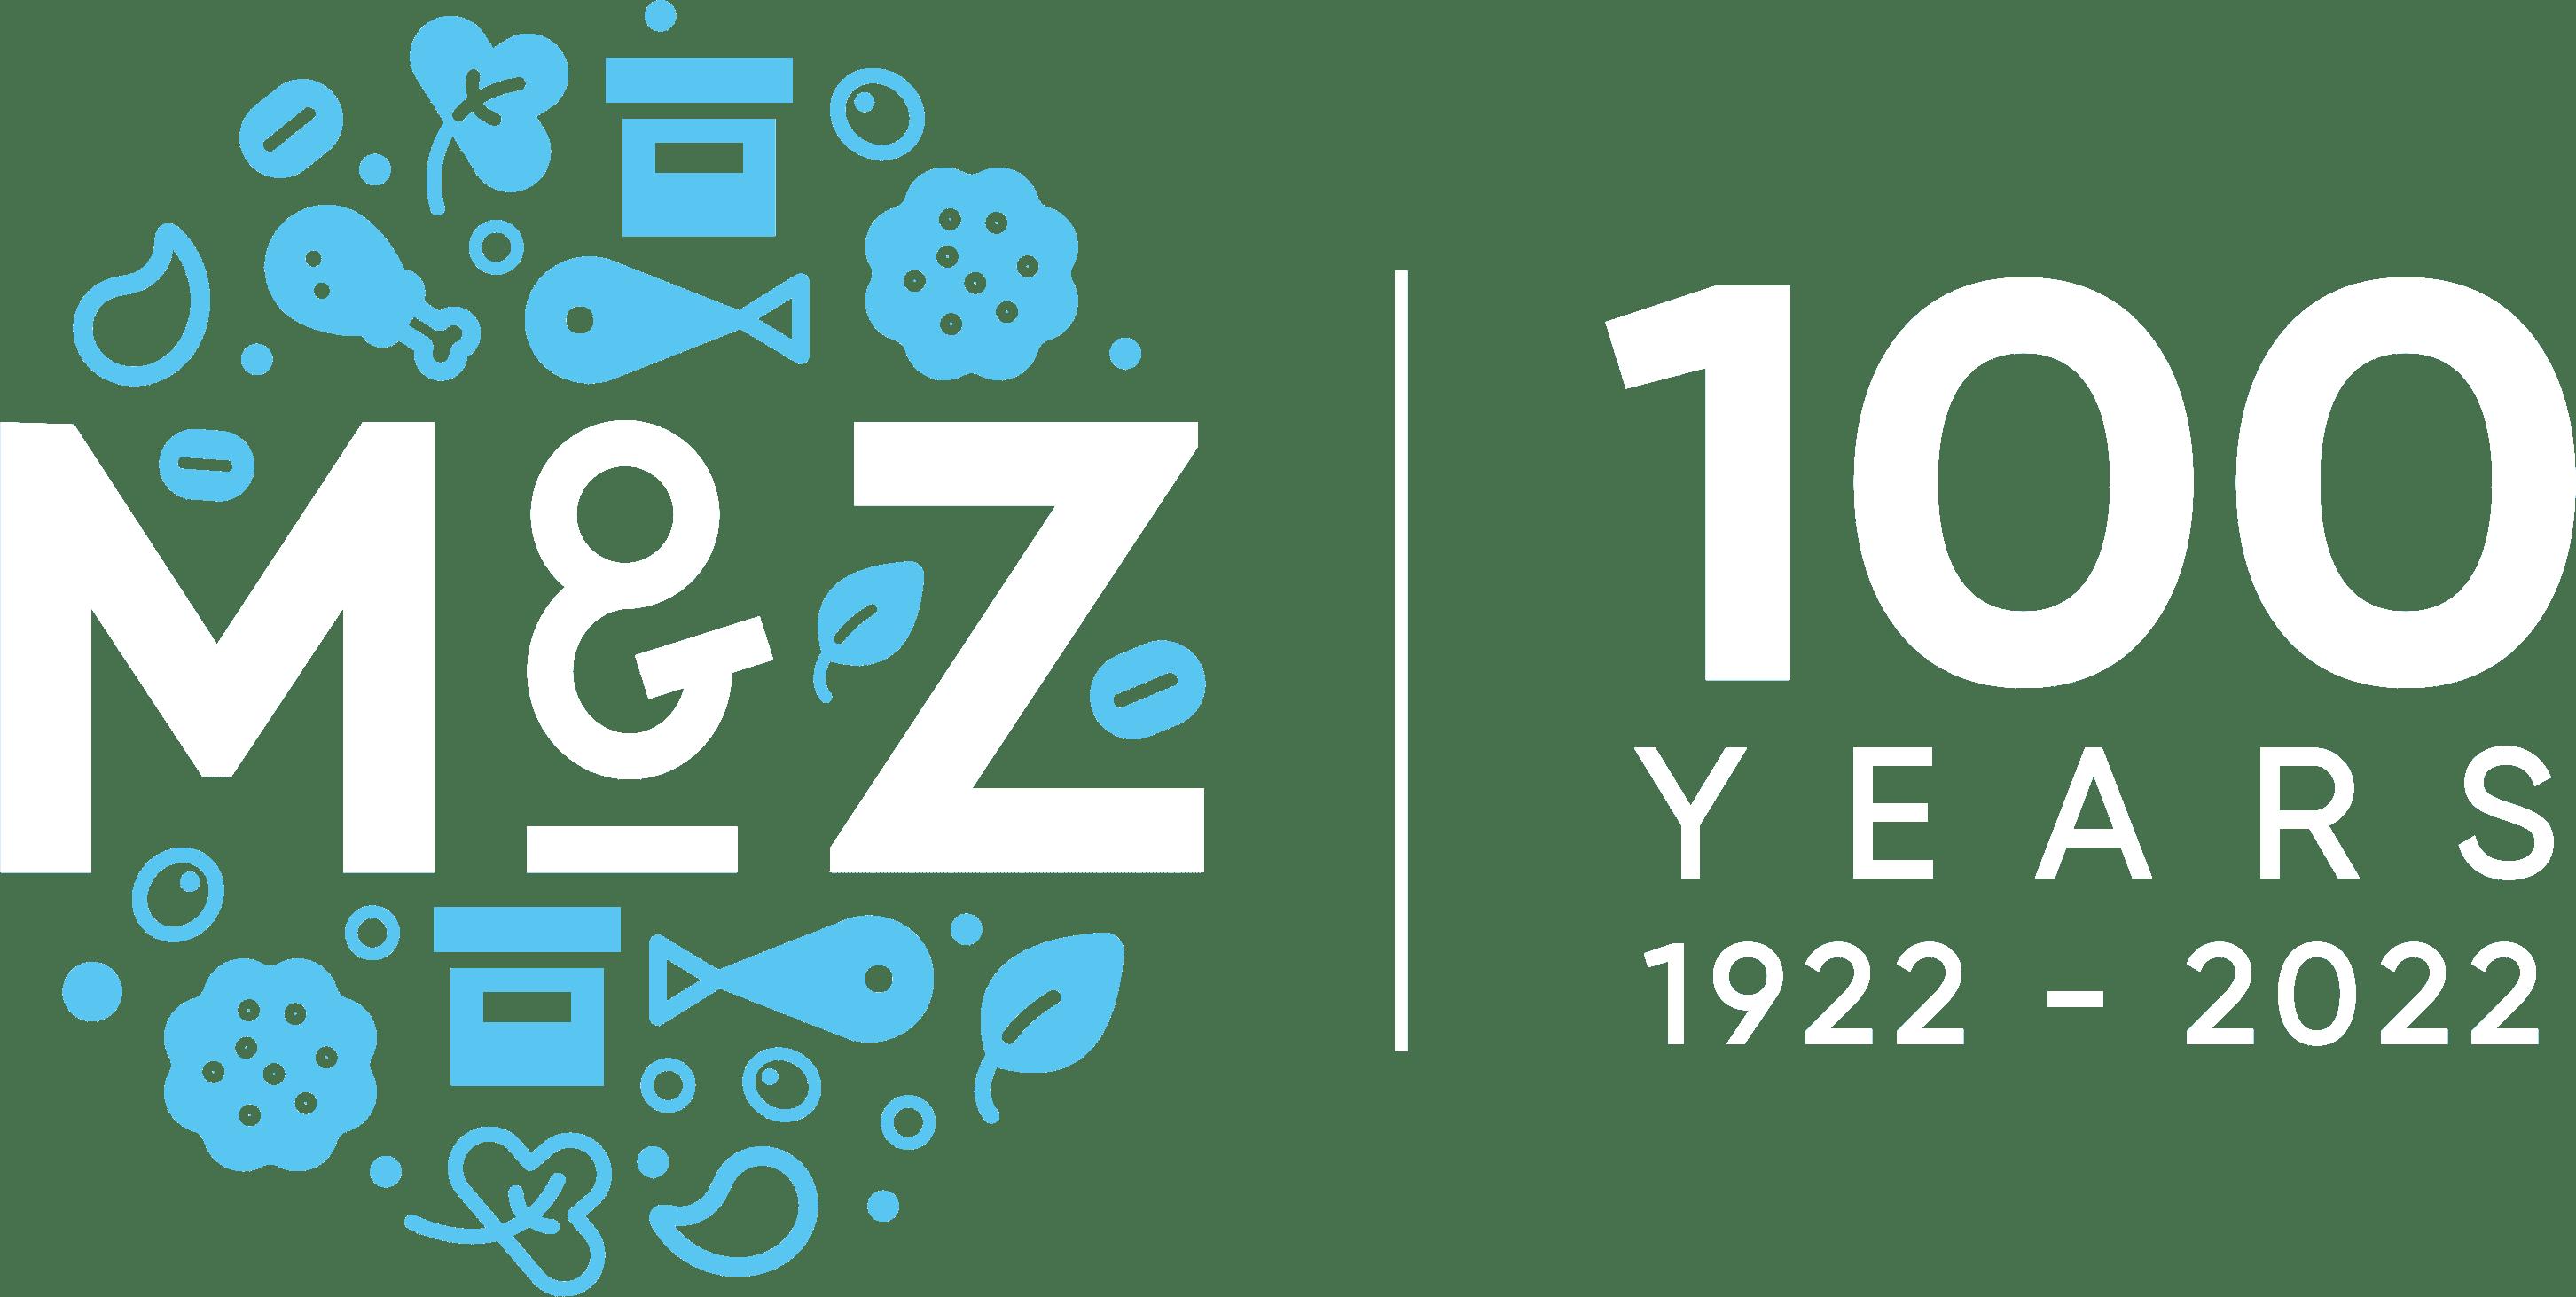 M&Z Ltd